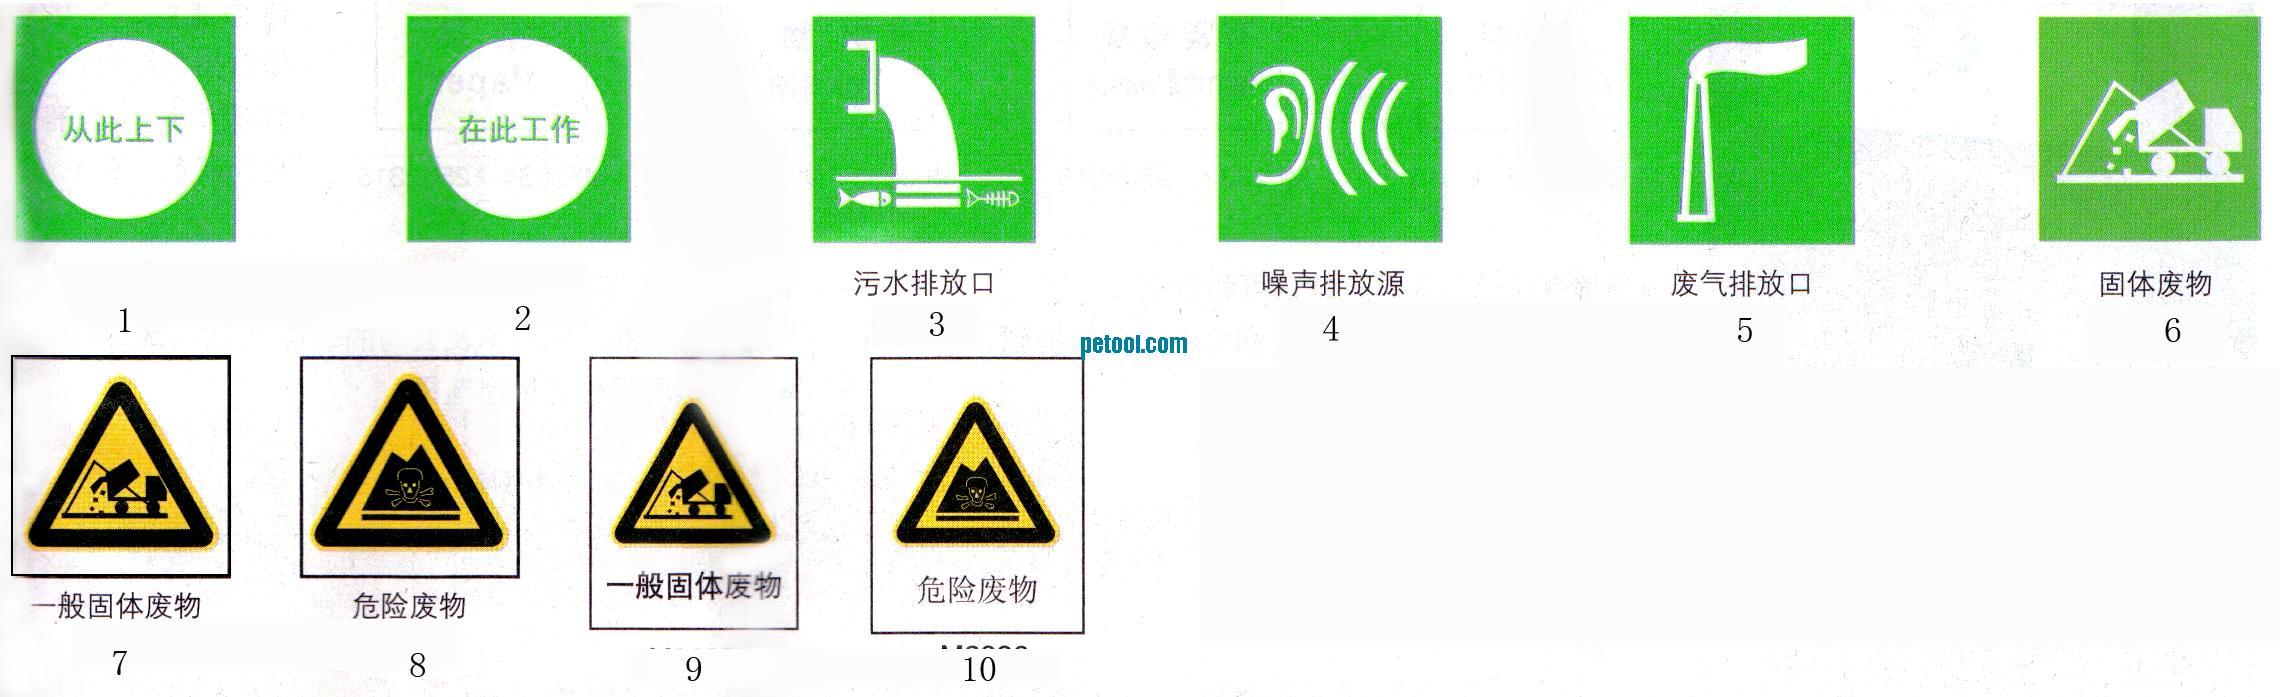 尚尤主營安全標識牌、安全標志牌、標牌、安全鎖具、管道標識、管道流向箭頭標貼、夜光標識、警示膠帶、夜光膠帶、產品包裝、產品標識、工業打印、安全標簽。 量大可根據客戶要求材質/圖案/尺寸定做 警示類標識:提醒人們對周圍環境引起注意,以避免可能發生危險的圖形標志。 顏色:黃色; 尺寸:250mm x 315mm; 材質:聚丙烯板材。十片起售,多種圖案可供選擇 此圖僅供參考;圖片以實物為準; 技術參數: